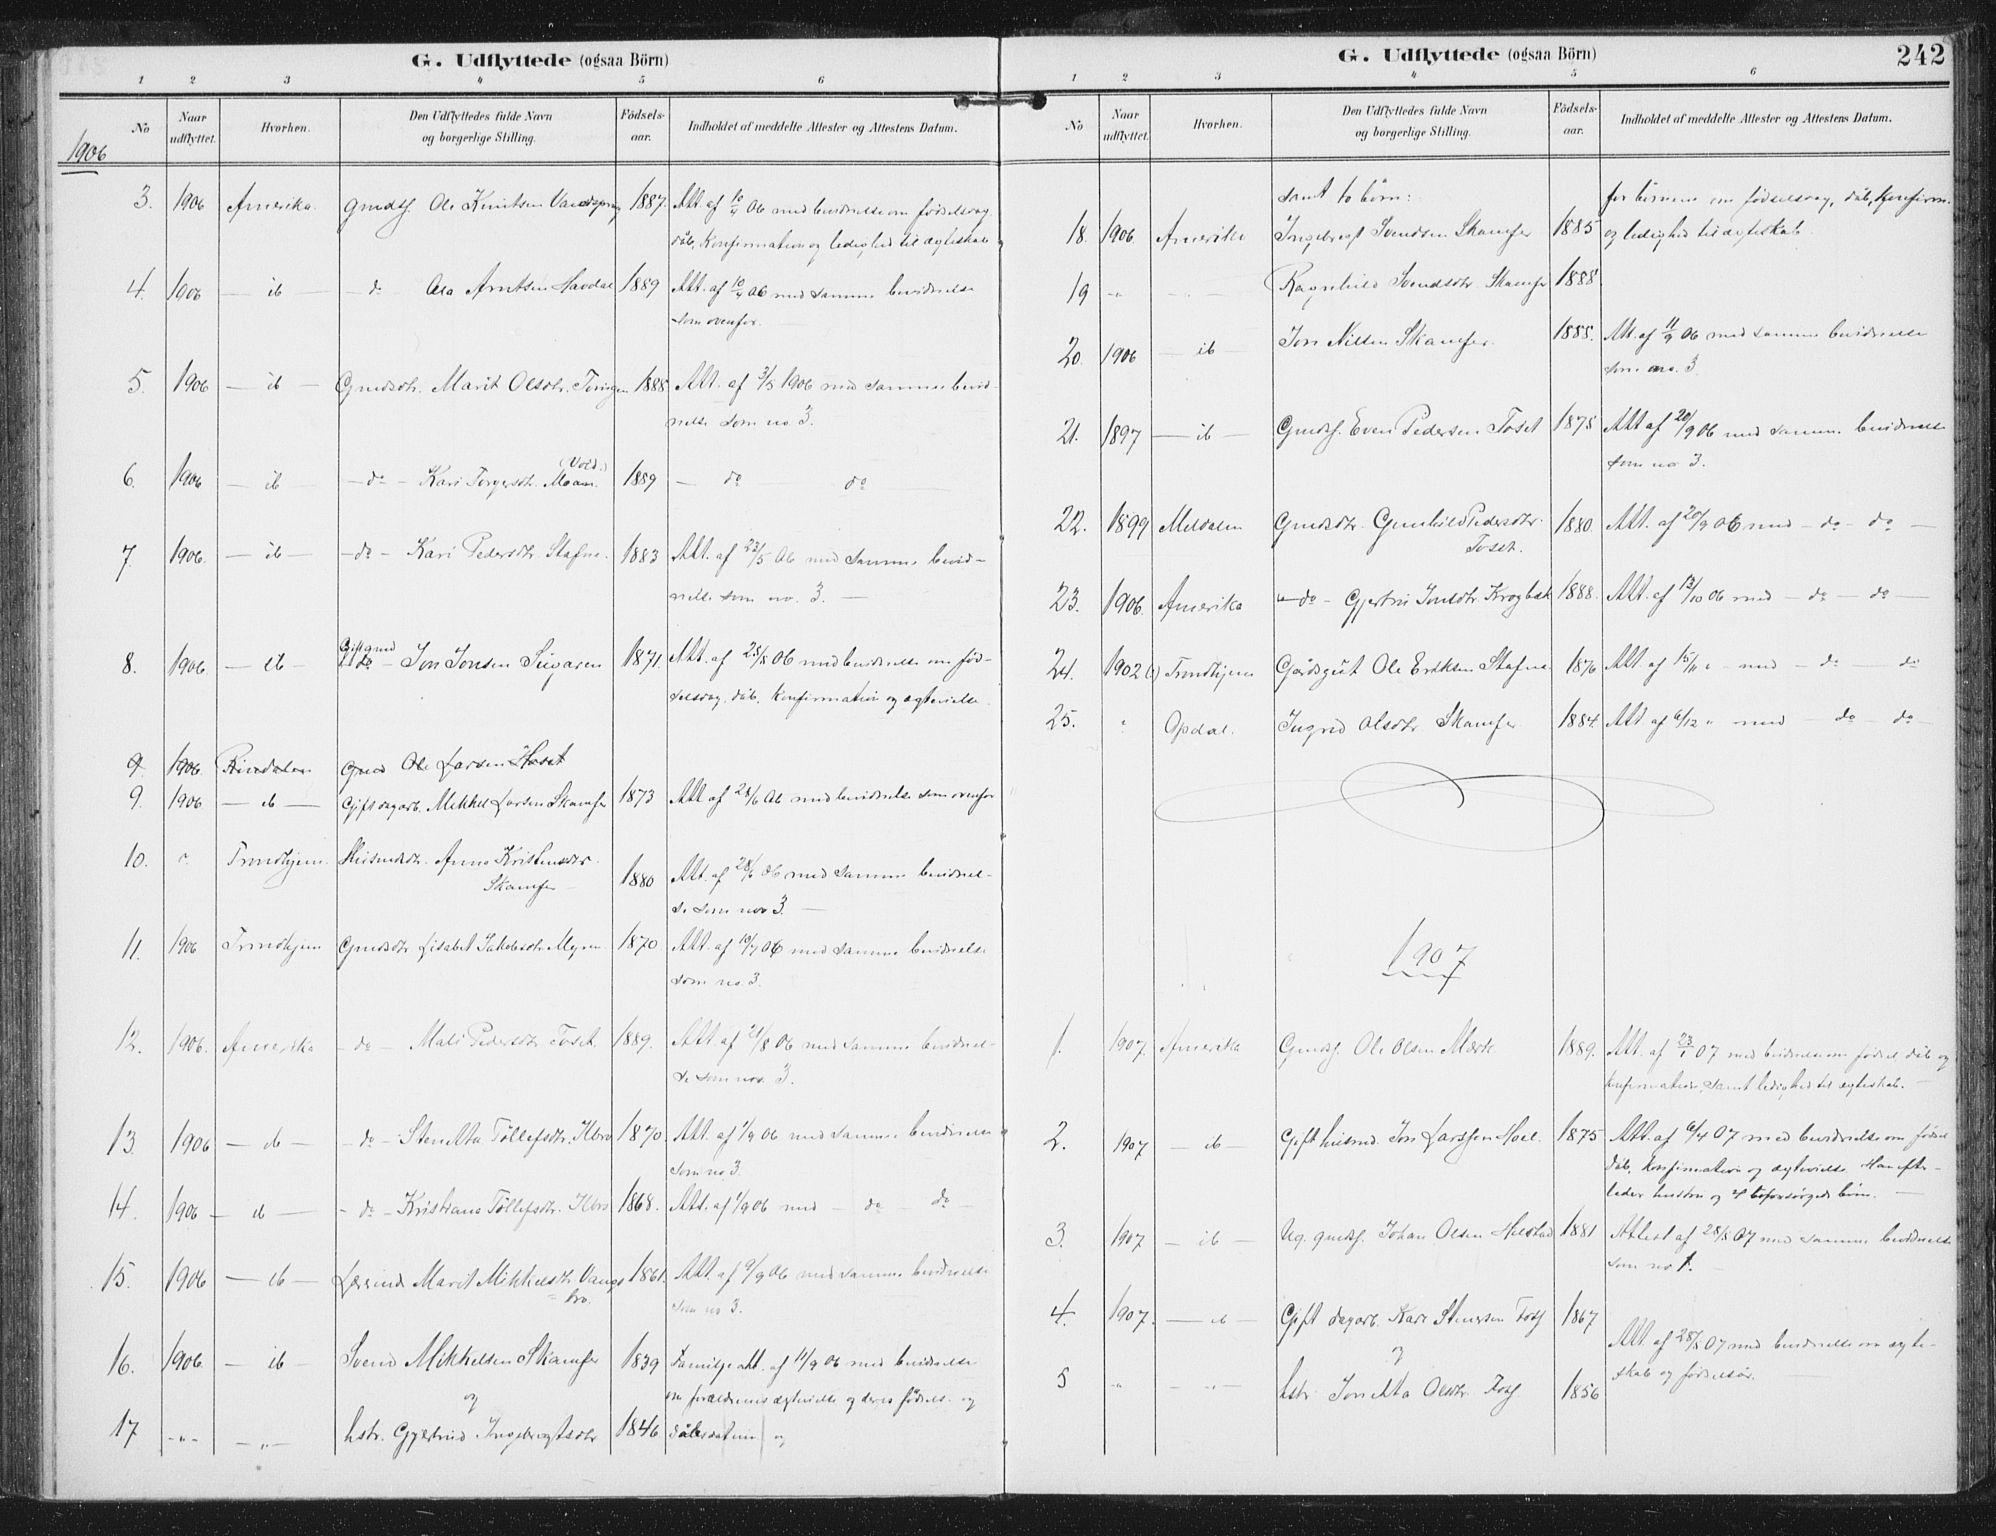 SAT, Ministerialprotokoller, klokkerbøker og fødselsregistre - Sør-Trøndelag, 674/L0872: Ministerialbok nr. 674A04, 1897-1907, s. 242